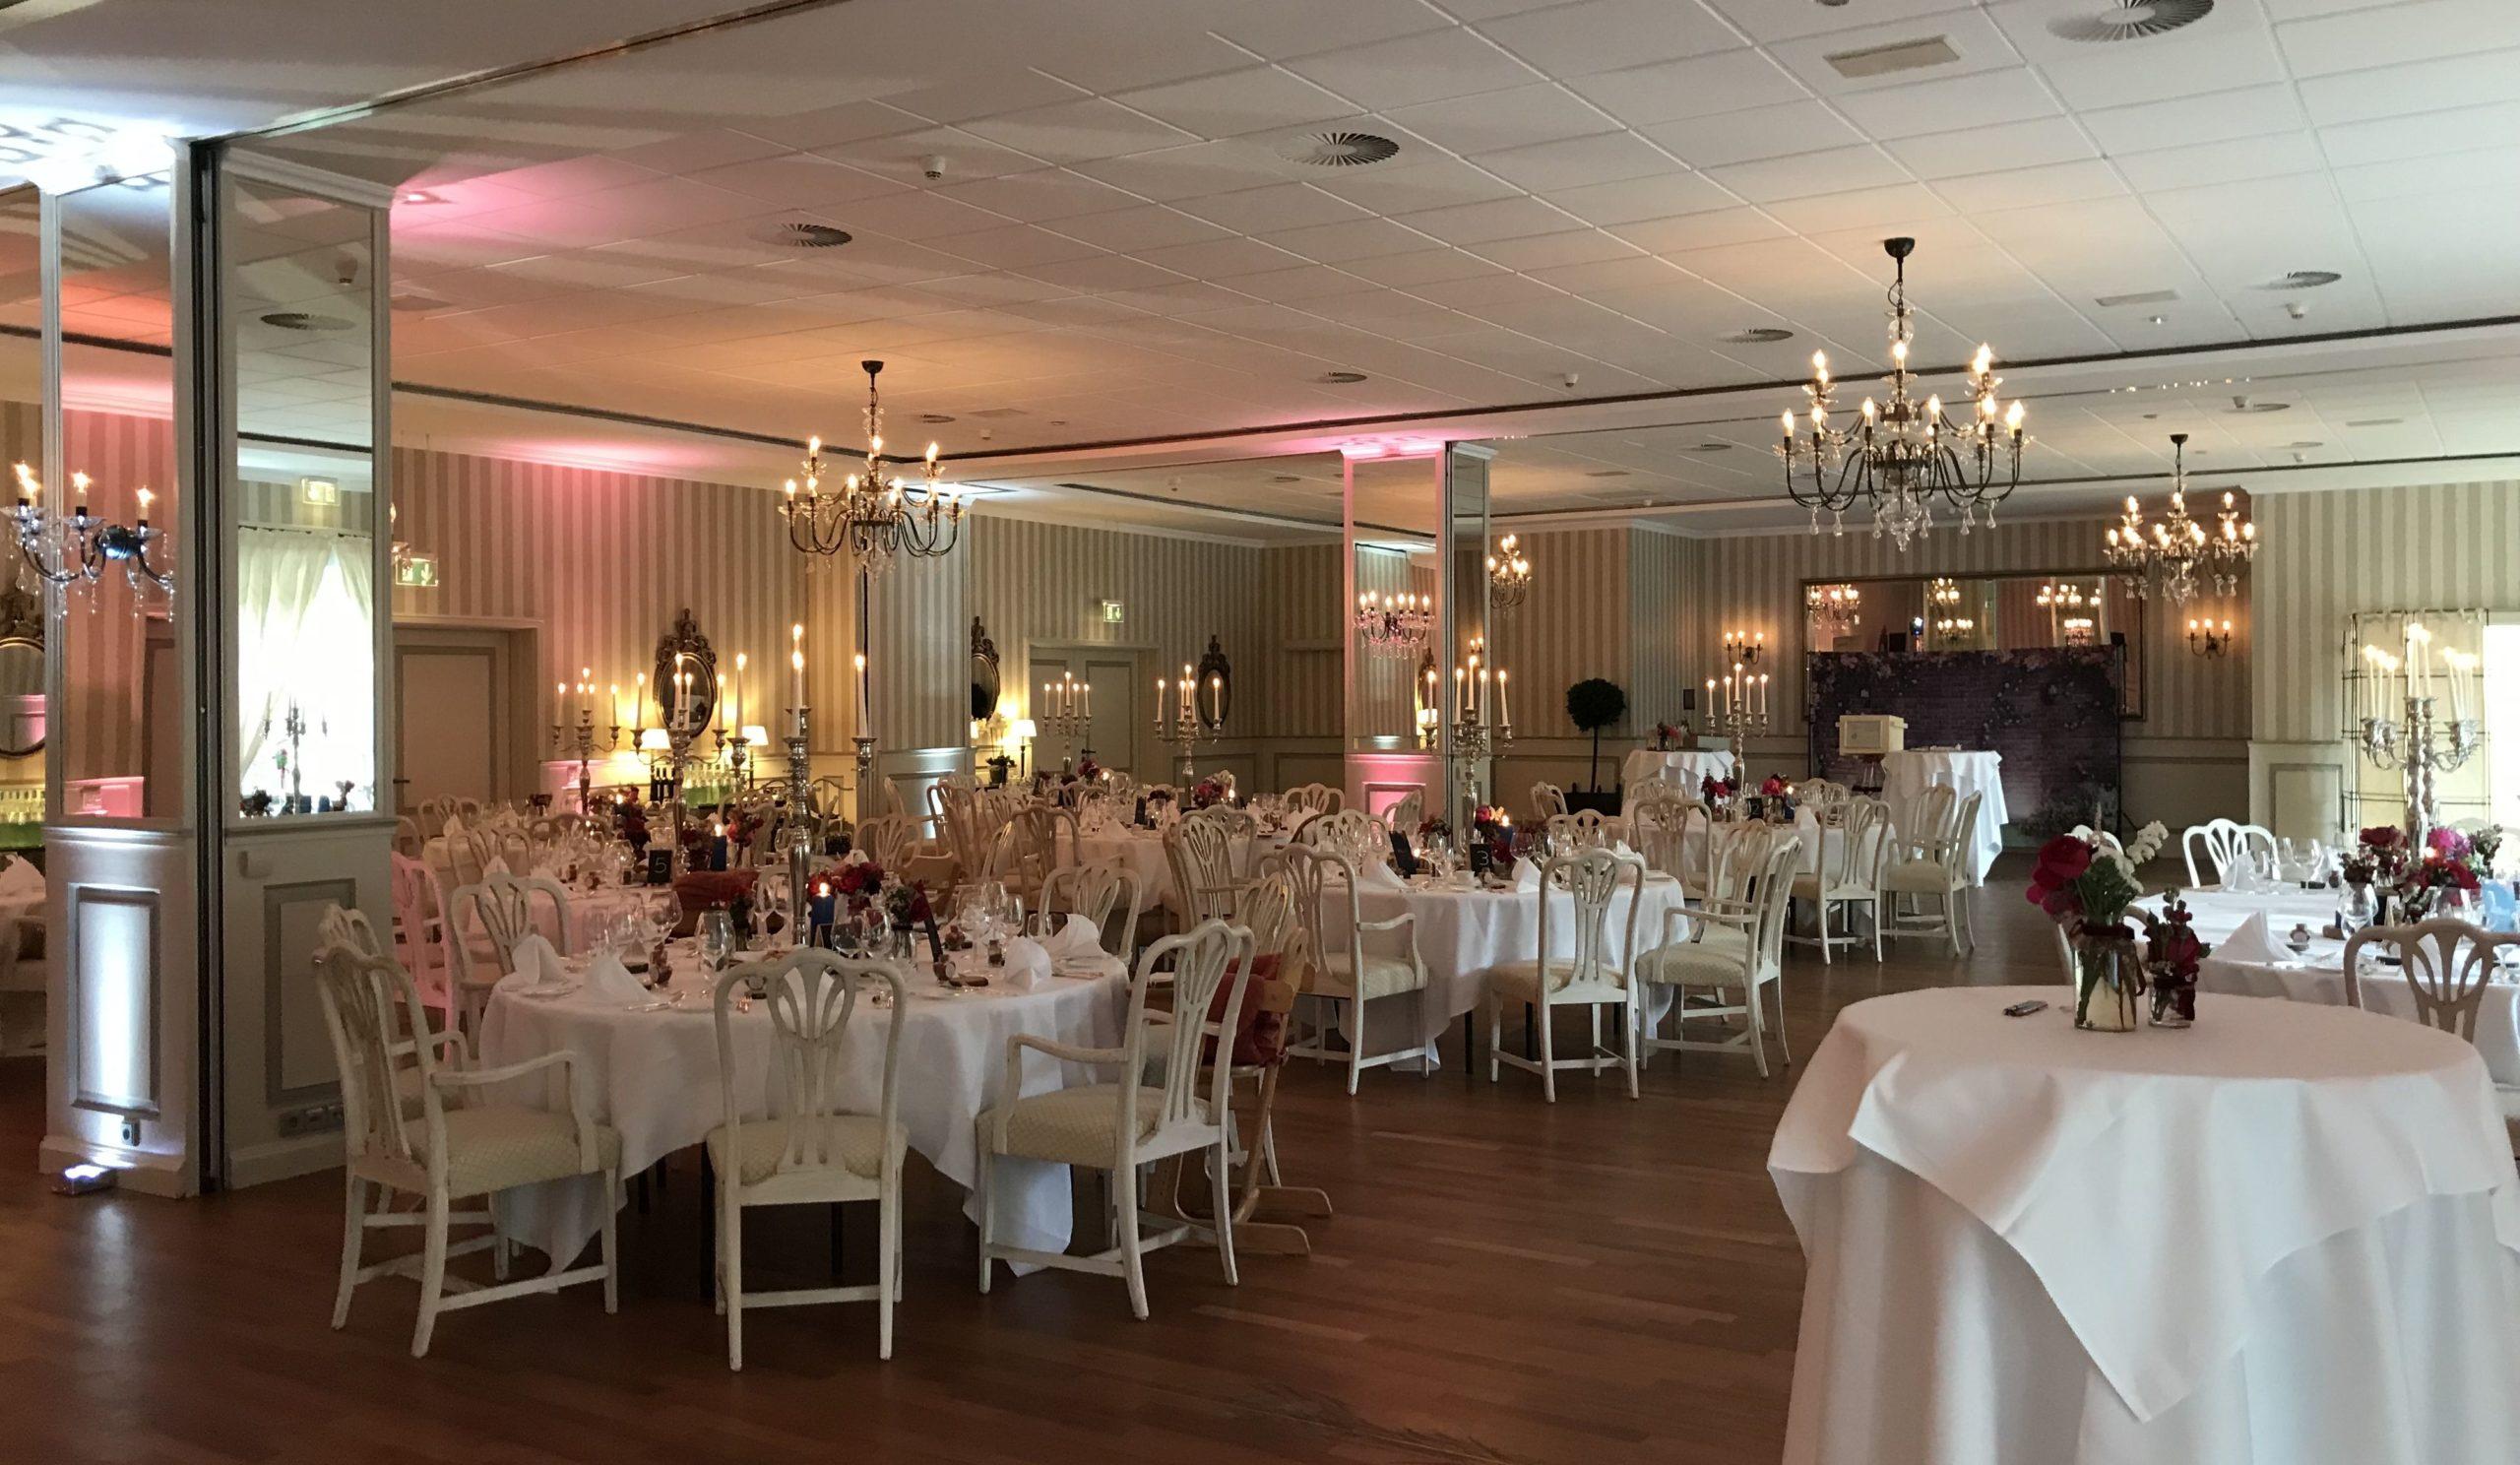 Feiern-Festsaal-runde-Tische-Rosen